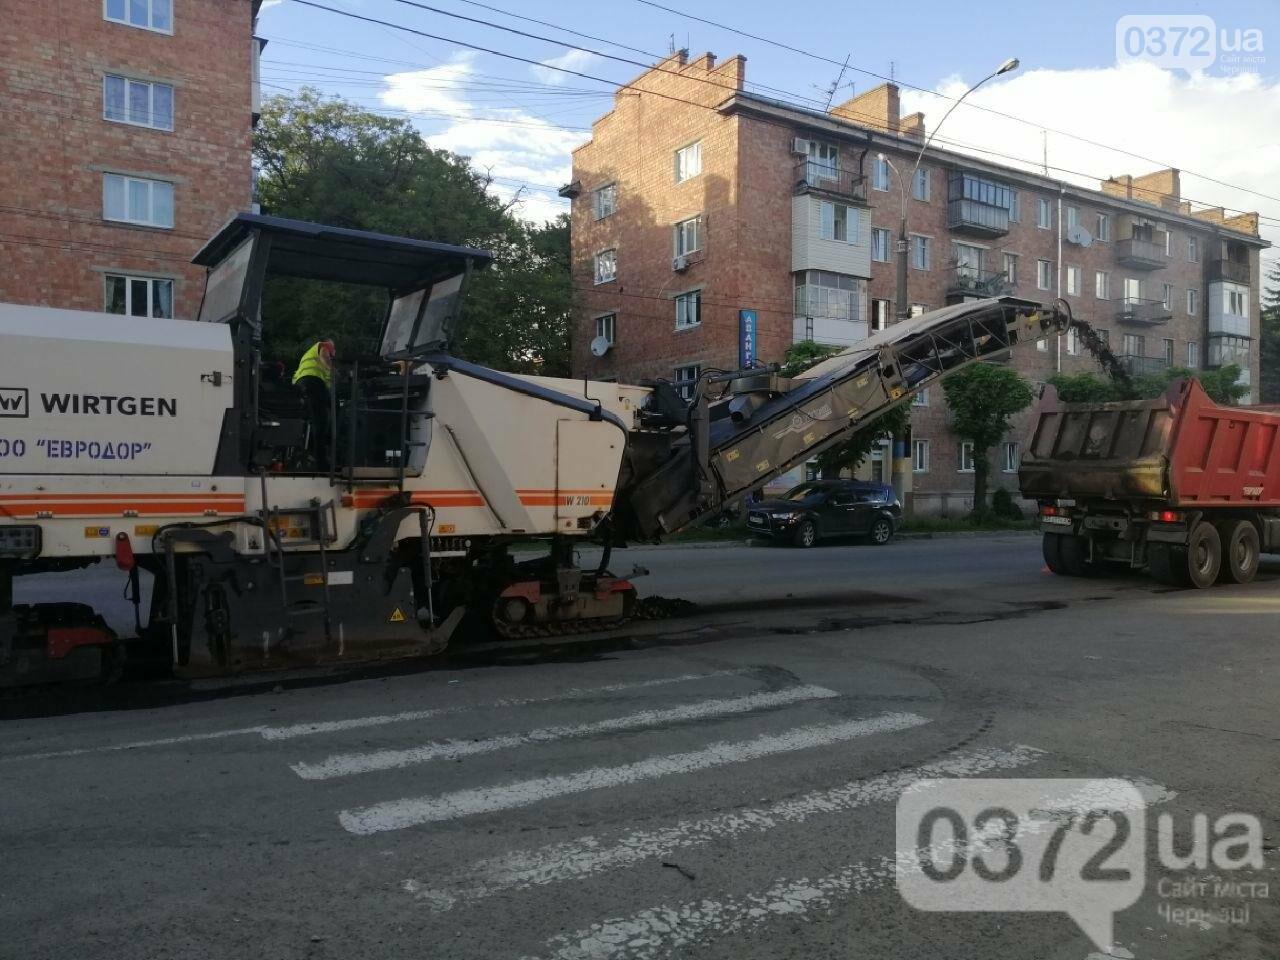 Внаслідок капітального ремонту ділянки однієї із вулиць Чернівців -  буде обмежено рух транспорту, фото-4